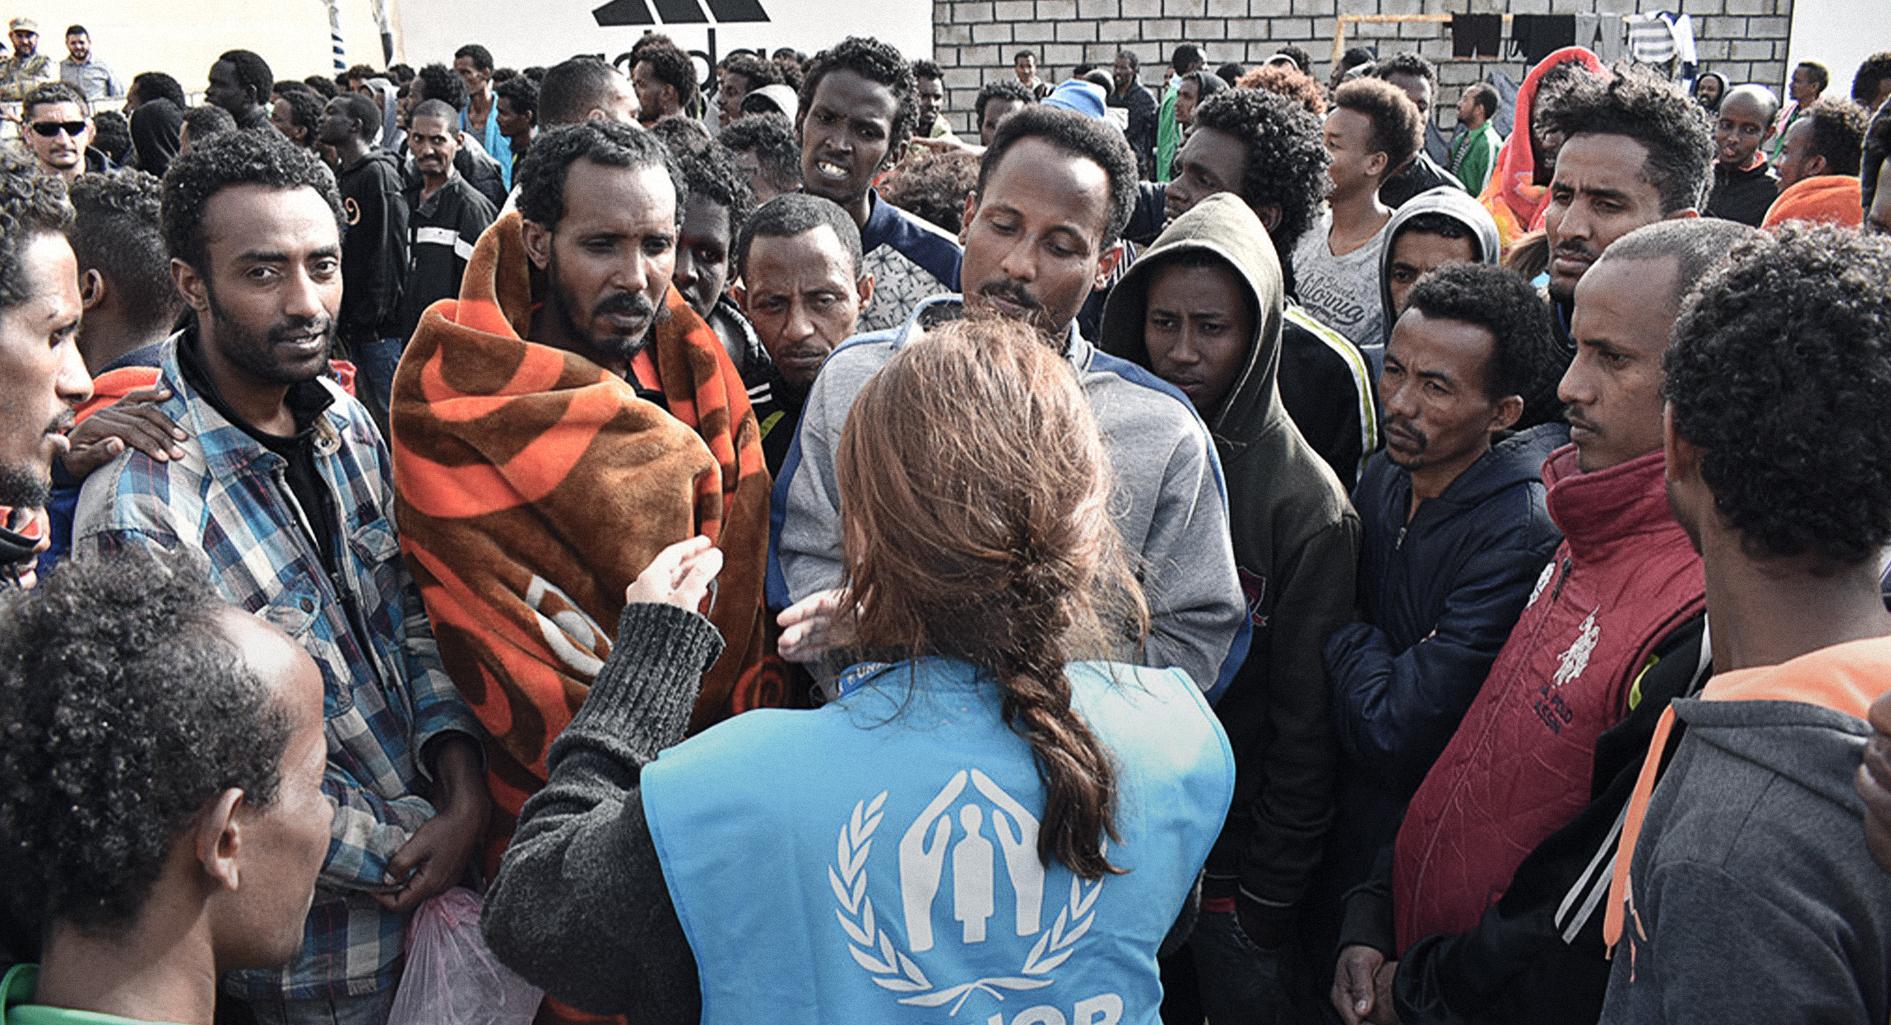 صورة الأمم المتحدة تجوِّع اللاجئين بمخيَّماتها في ليبيا لأنها لا تريد إعطاءهم سمكة بل دفعهم لتعلُّم الصيد في البحر الأبيض المتوسط